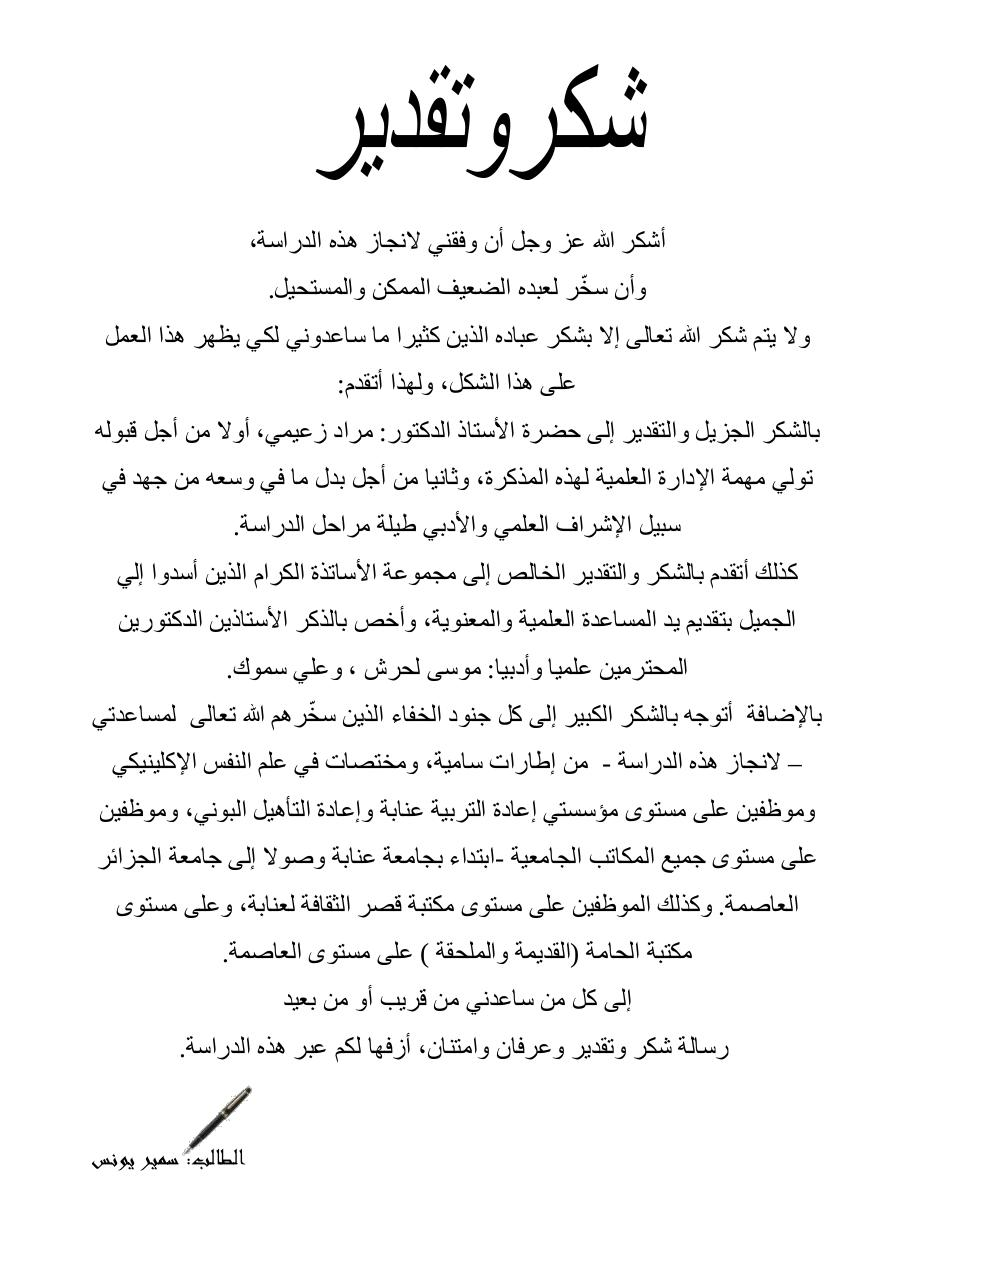 رسالة شكر وتقدير رسمية Pdf Bitaqa Blog